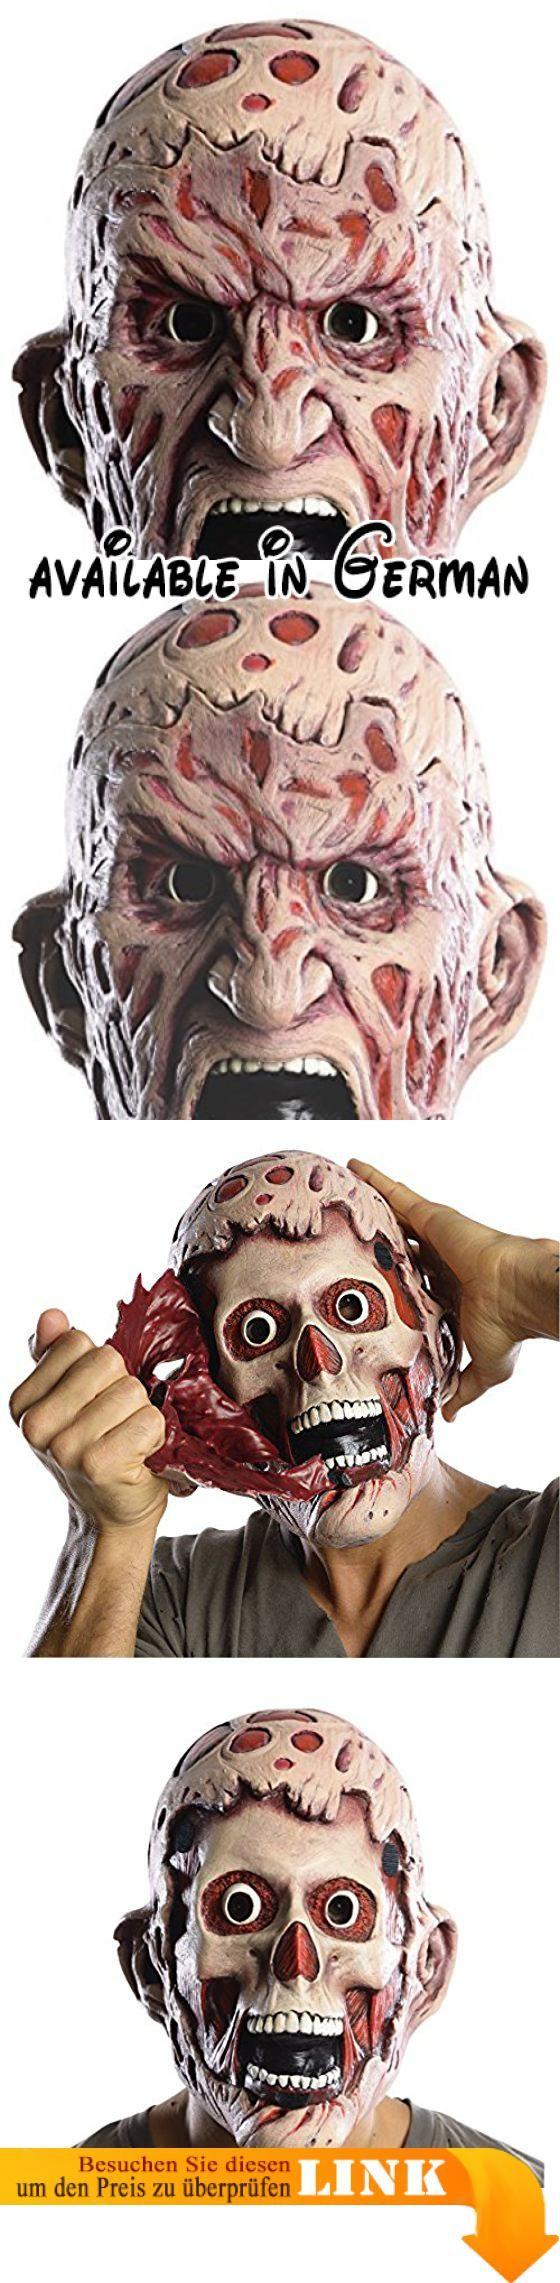 Freddy Krüger Doppel Gesichts Maske aus Nightmare. 36. Months #Toy #ADULT_COSTUME